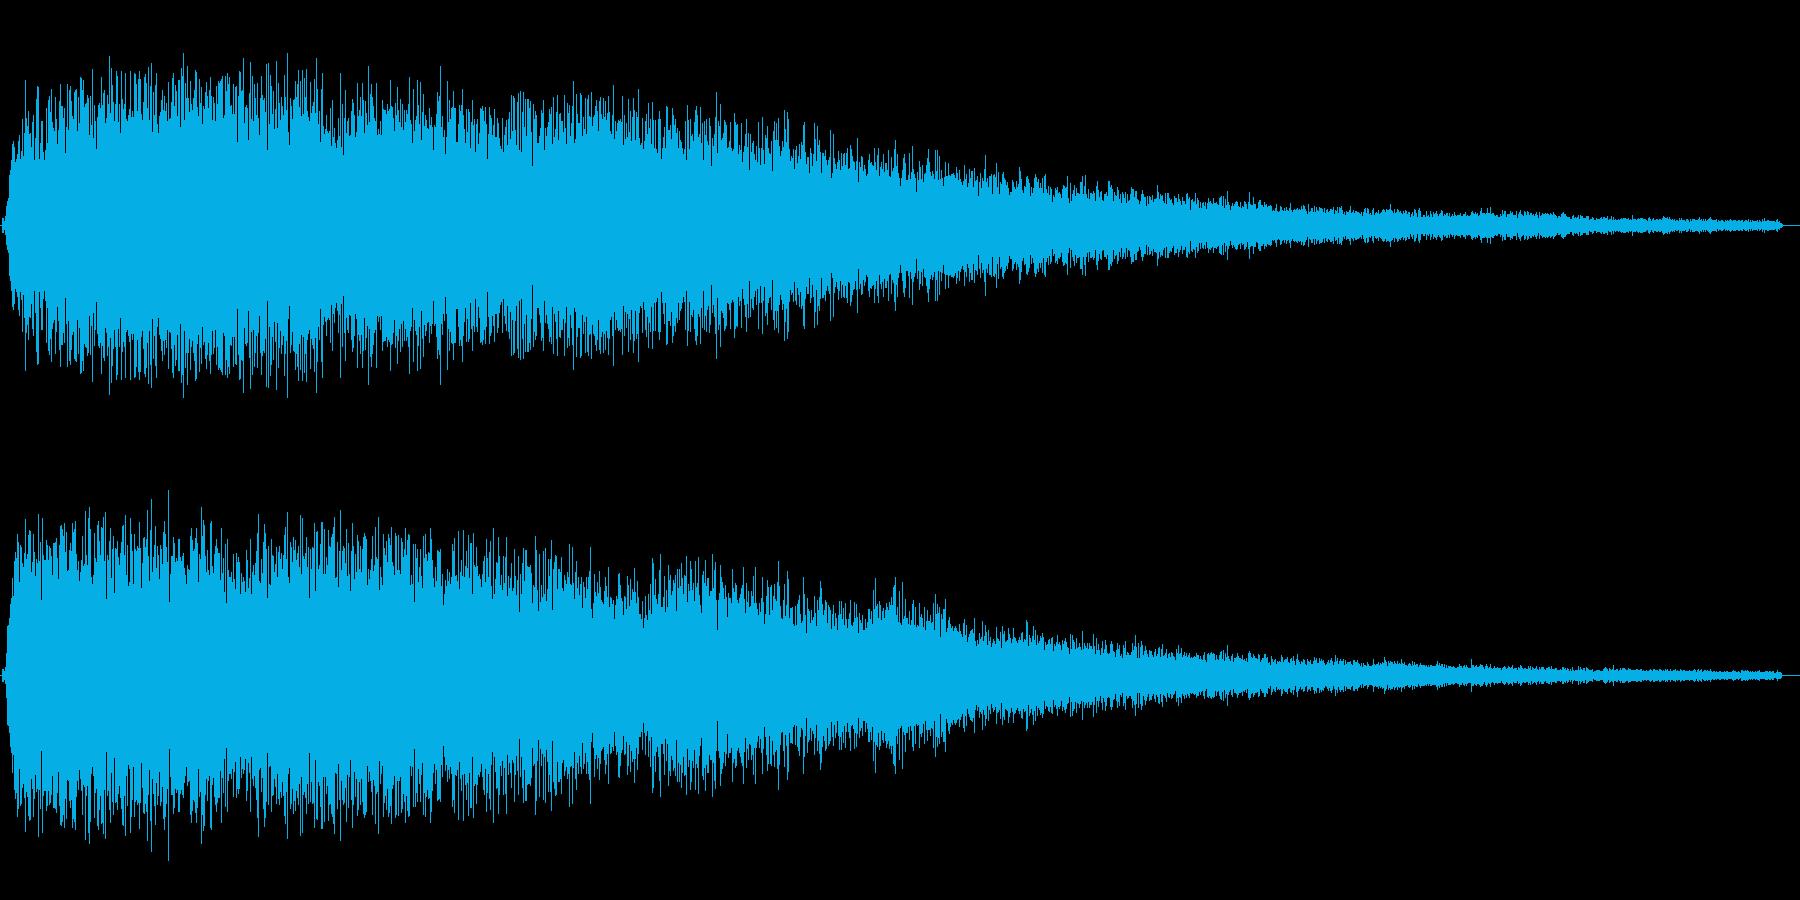 シューっと飛行機が通り過ぎる効果音の再生済みの波形